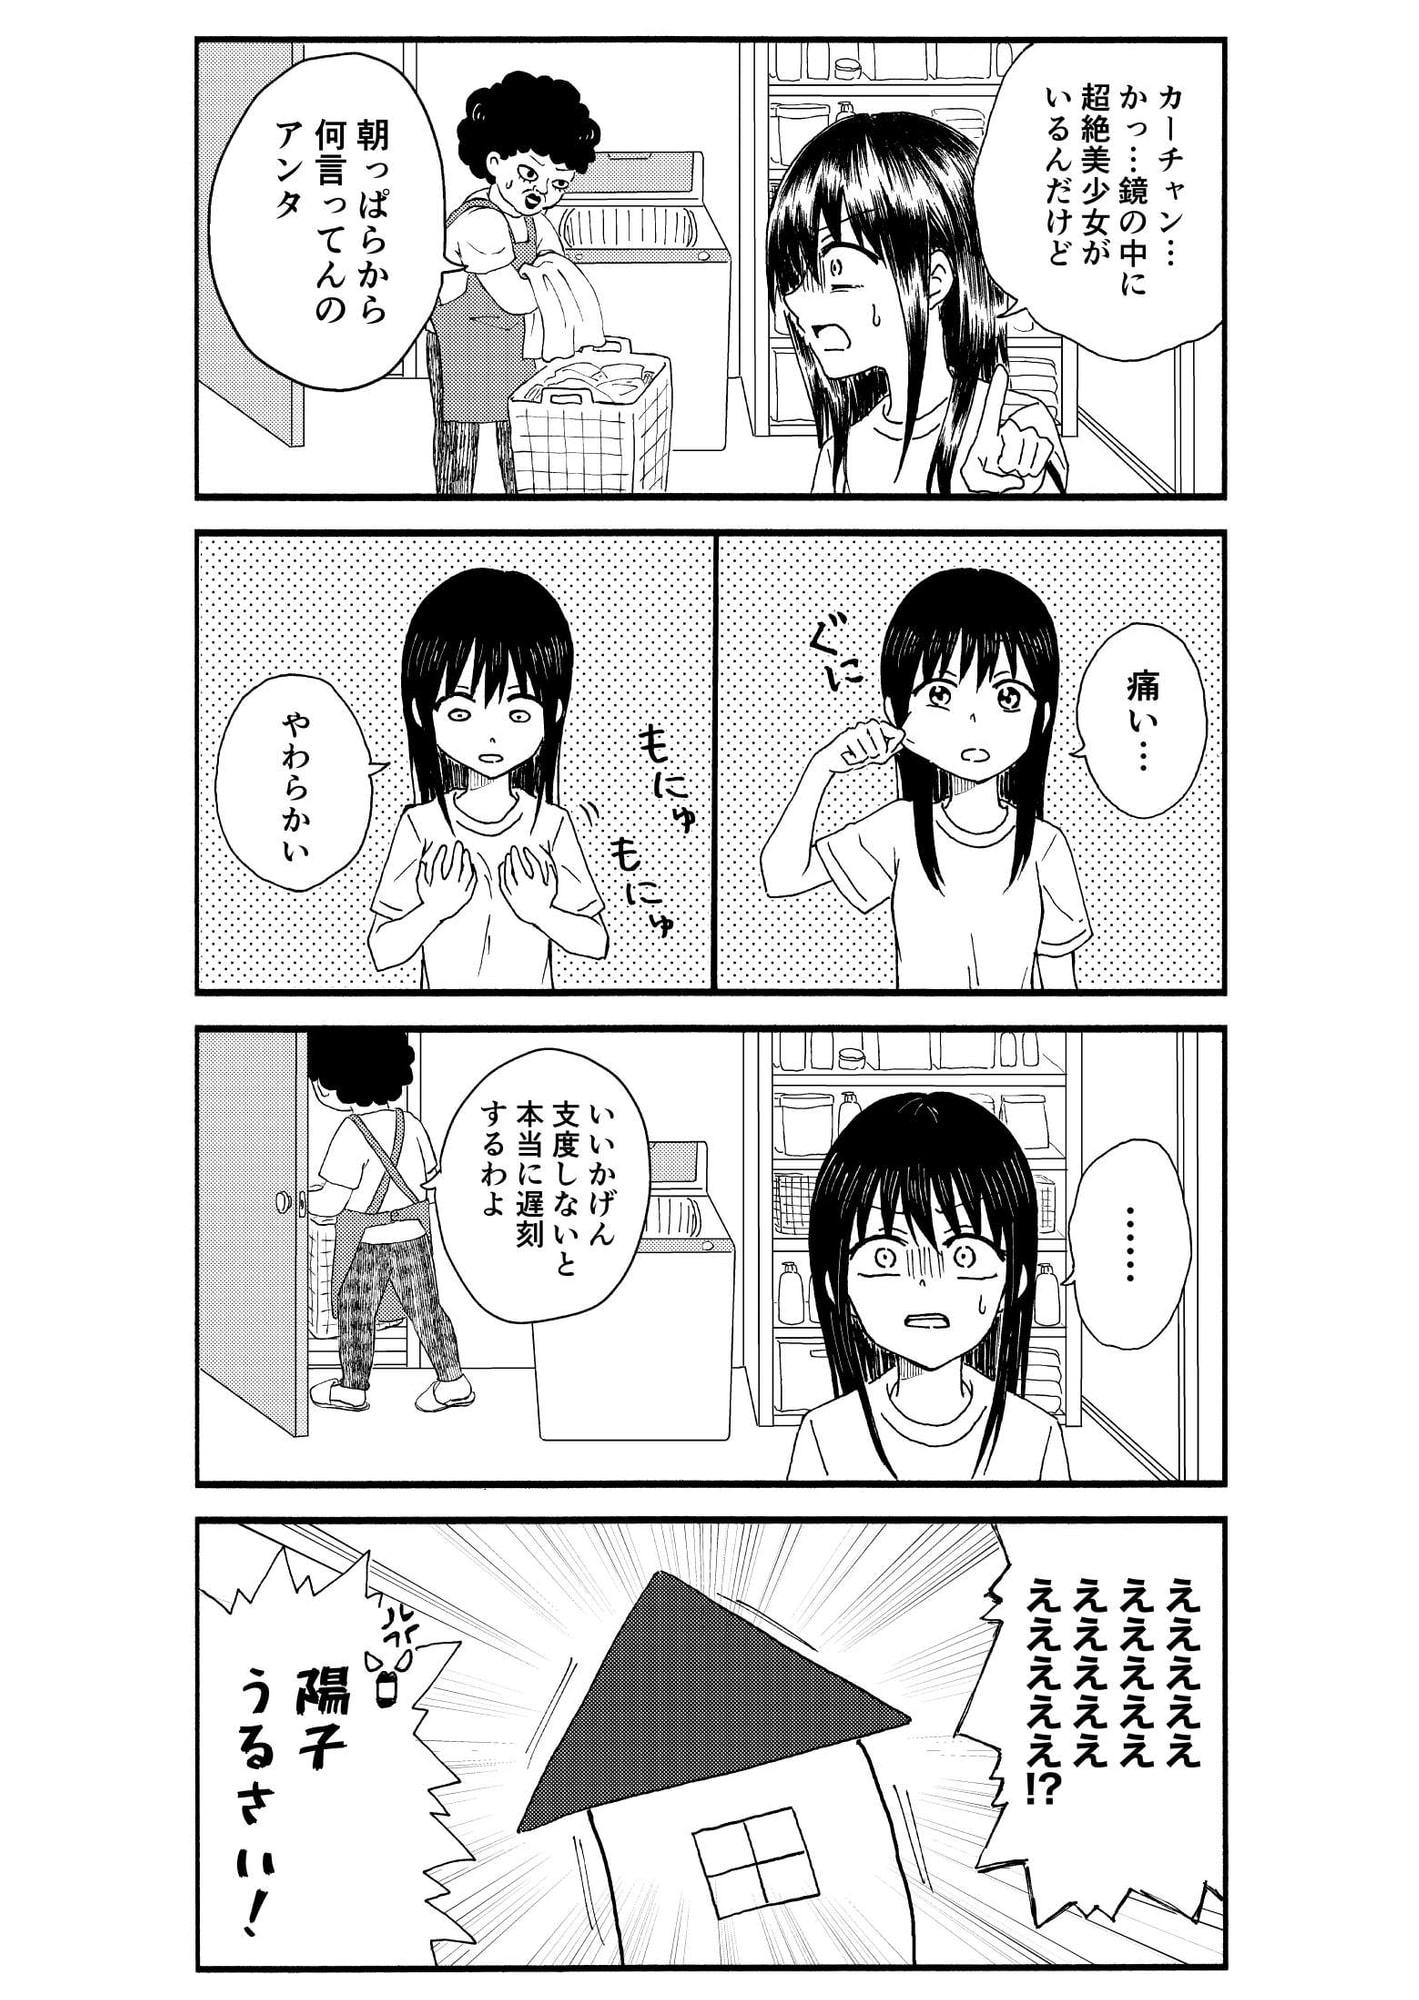 キモオタ、アイドルやるってよ(1)のサンプル画像1